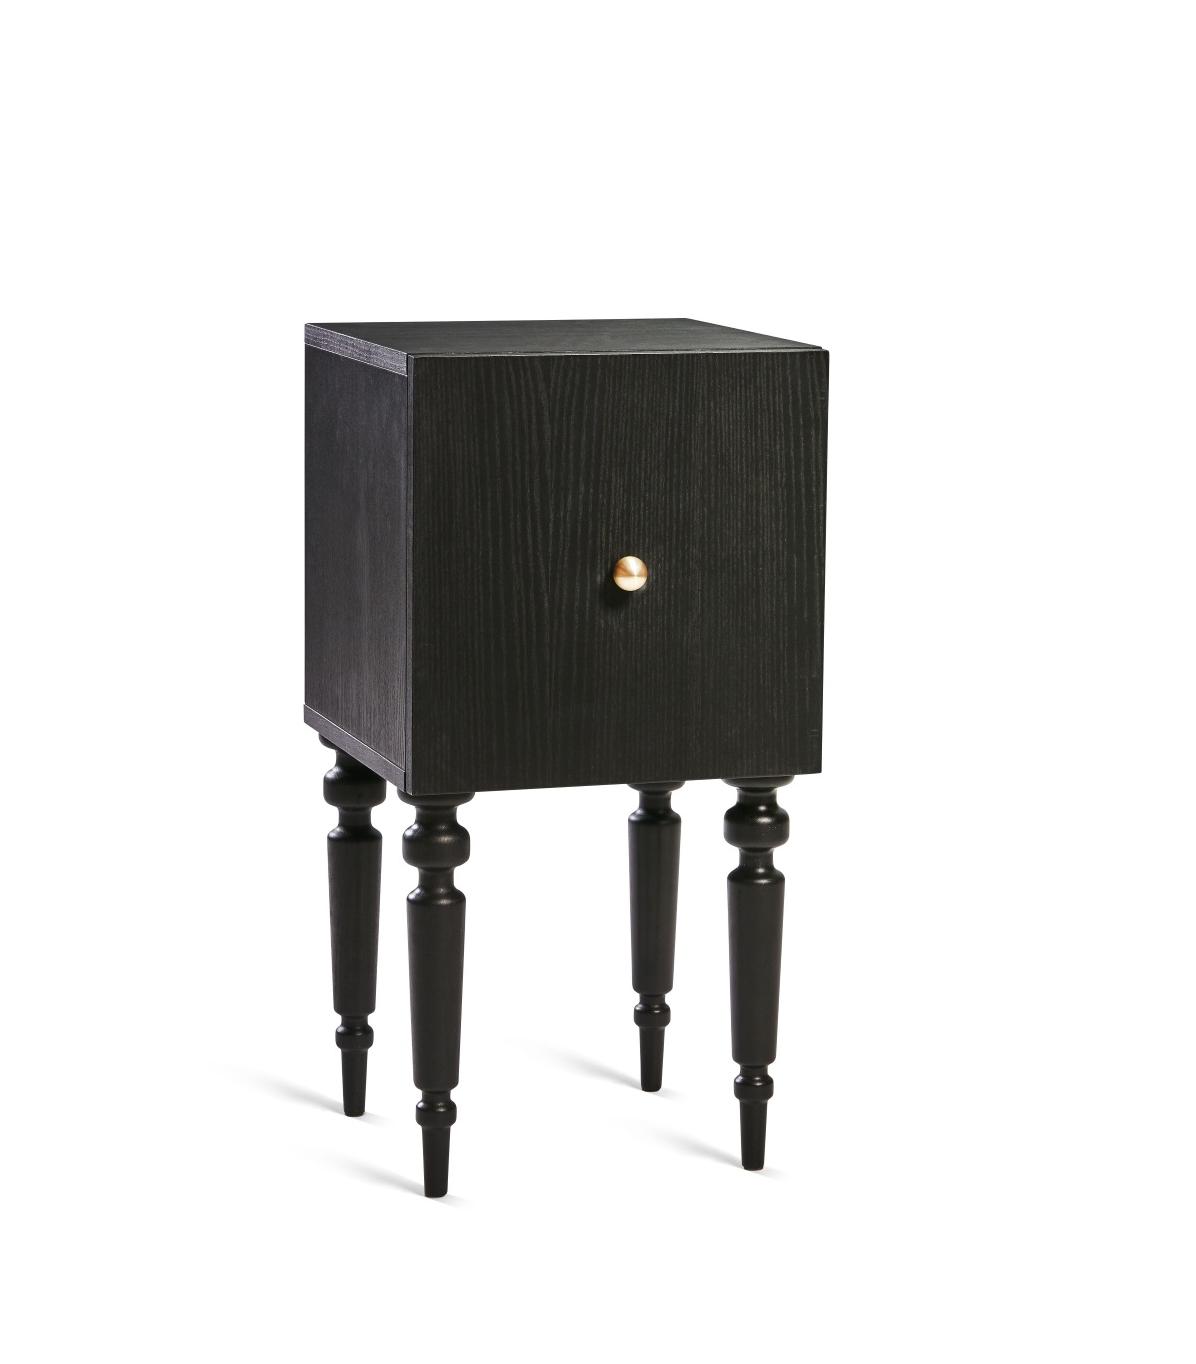 Nomad sängbord/ skåp i svart ask, Mavis